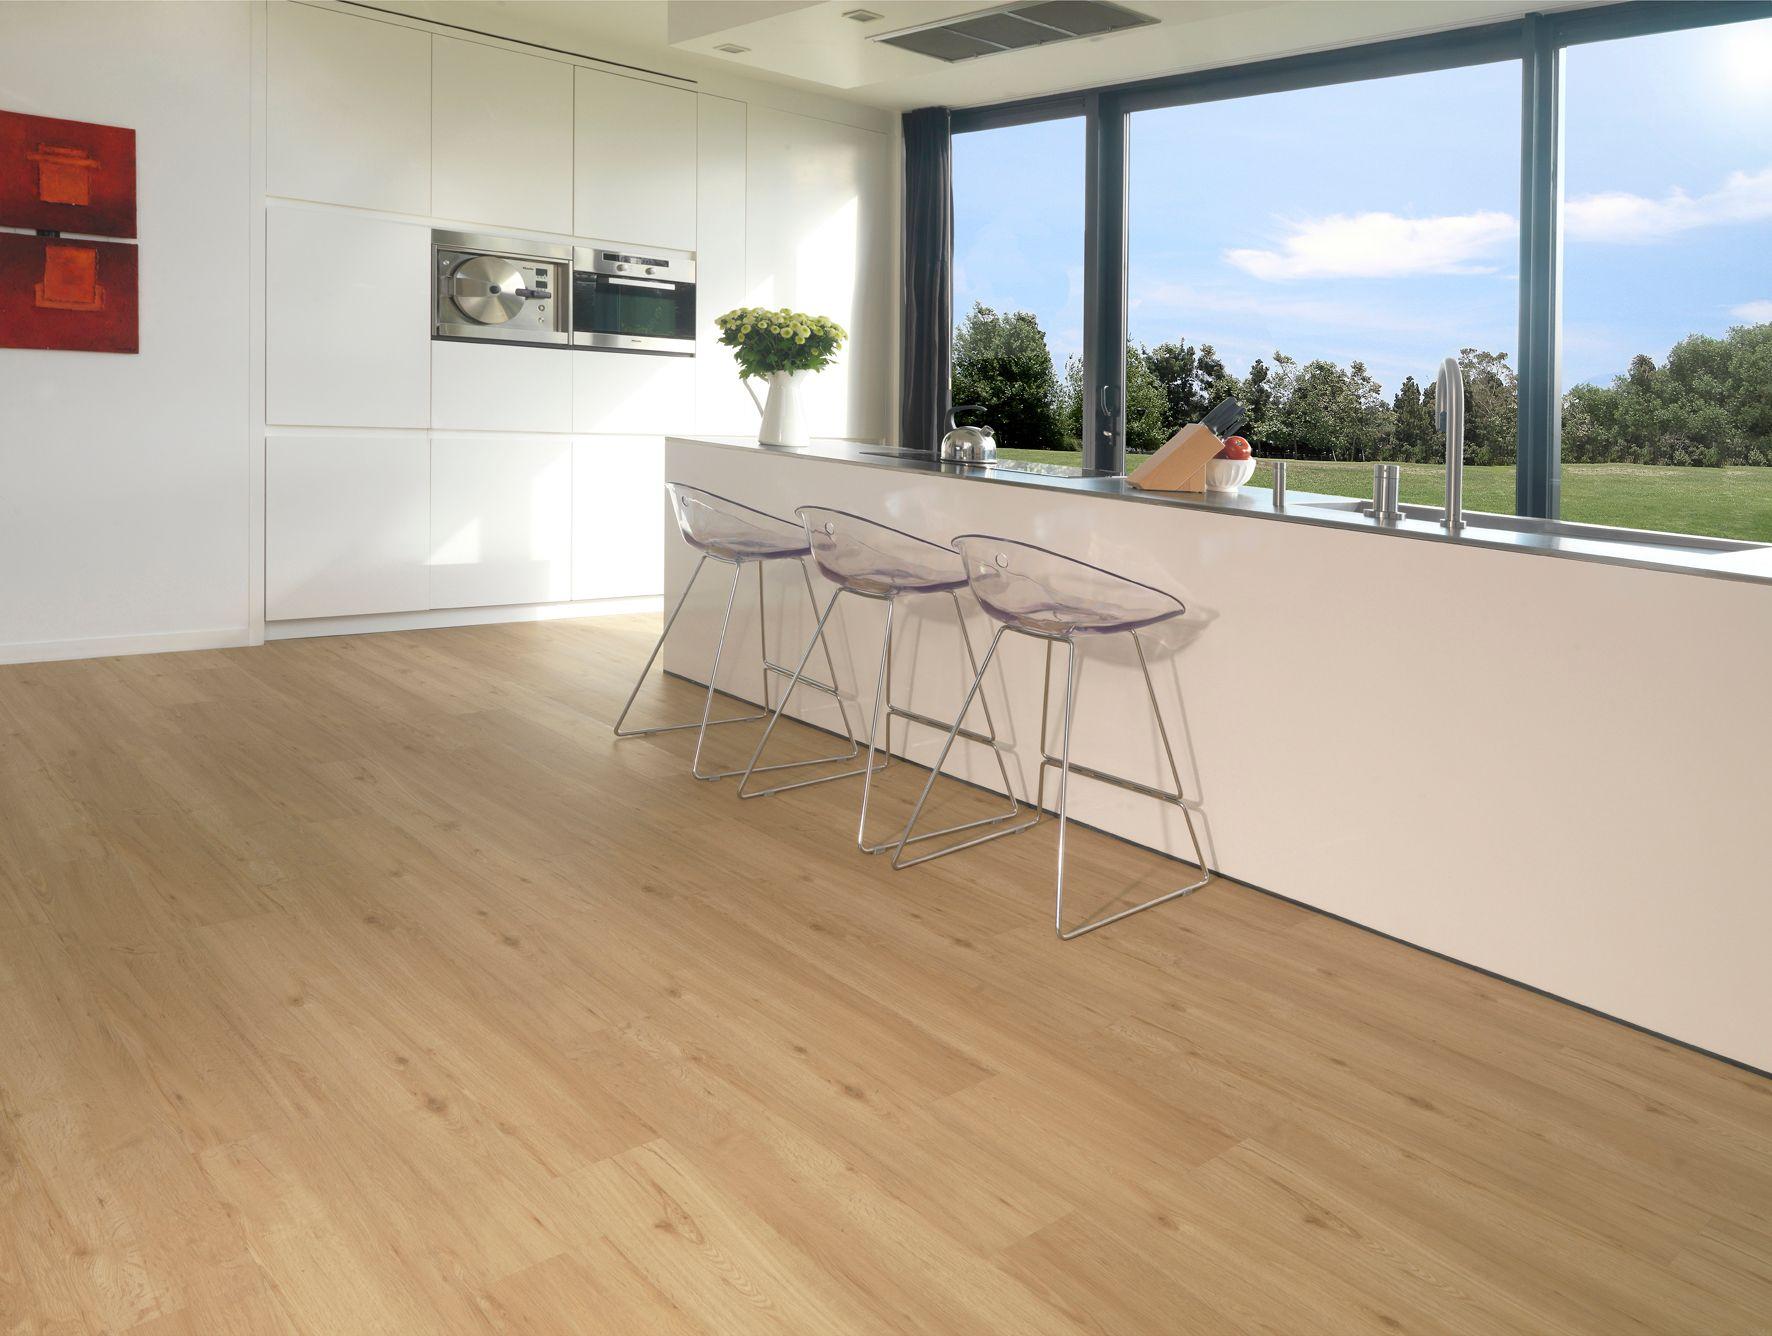 Pavimento vinilico lvt berryalloc pureloc pro by woodco - Pavimento galleggiante per interni ...